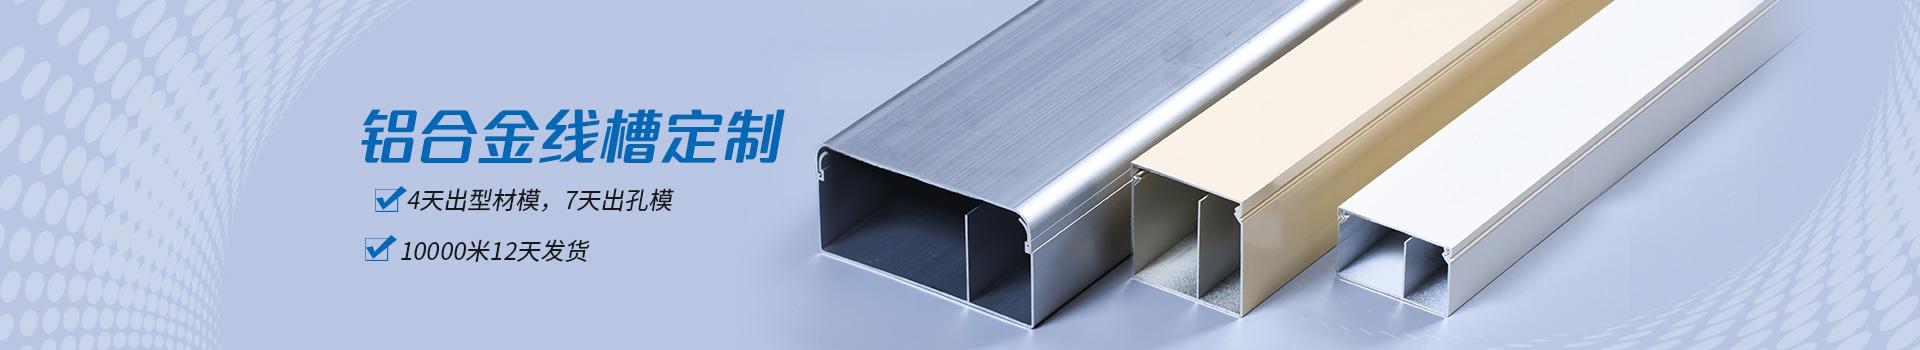 伟吉铝合金线槽定制-4天出型材模,7天出孔模。10000米12天发货